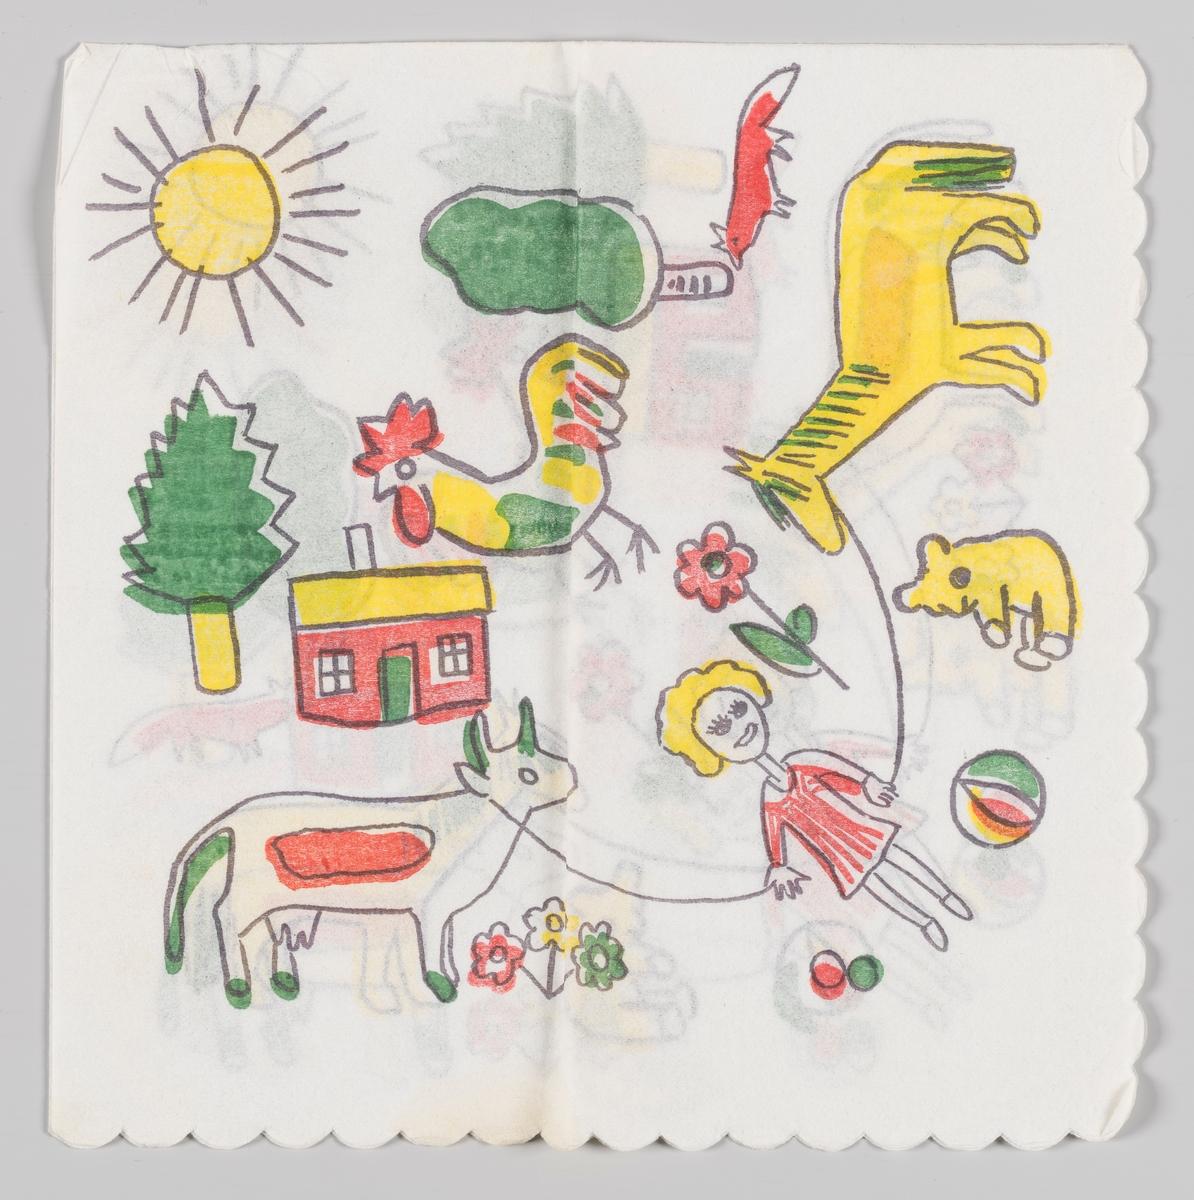 En jente hopper i hoppetau mellom en ku og en hest omgitt av en bamse, baller, blomster, en hane, et hus, en rev, trær og en strålende sol.